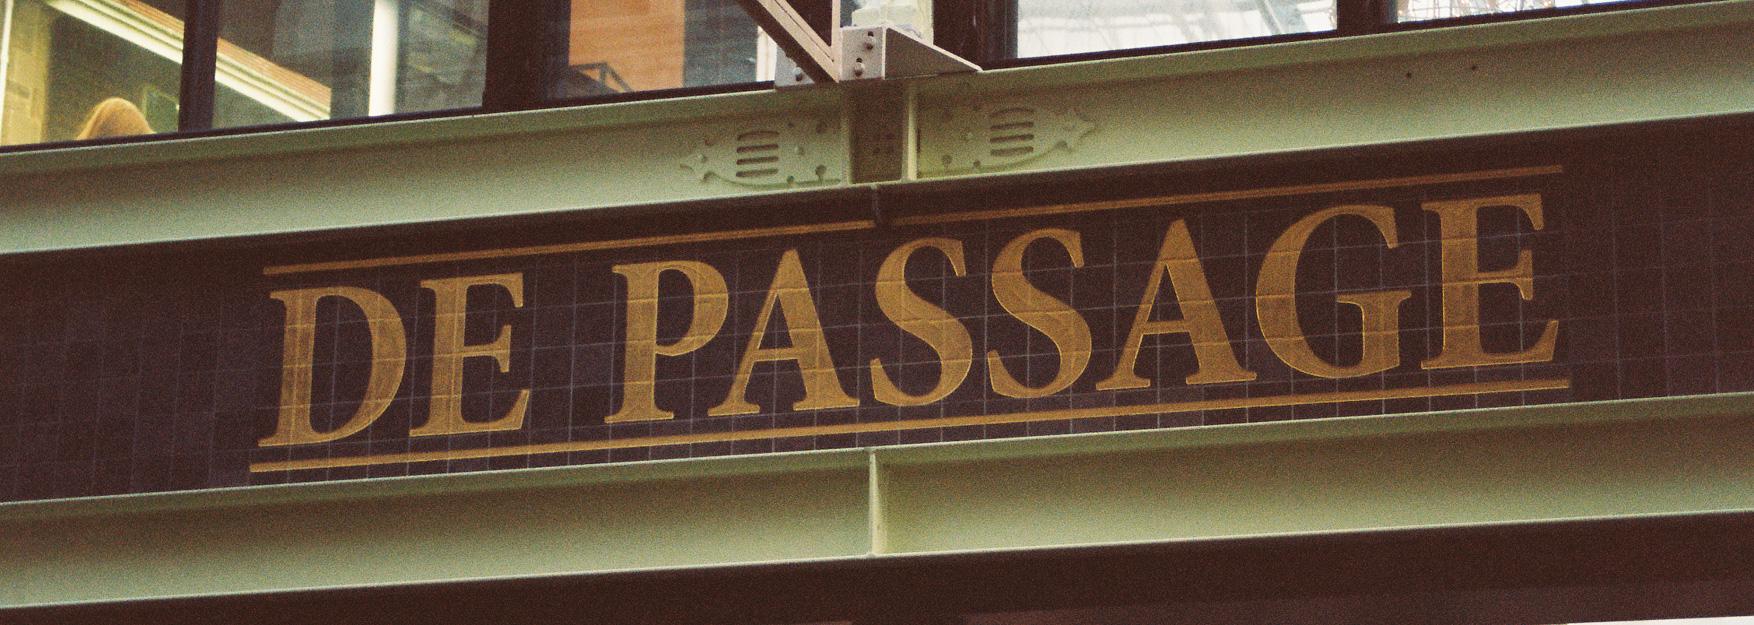 Passage-new